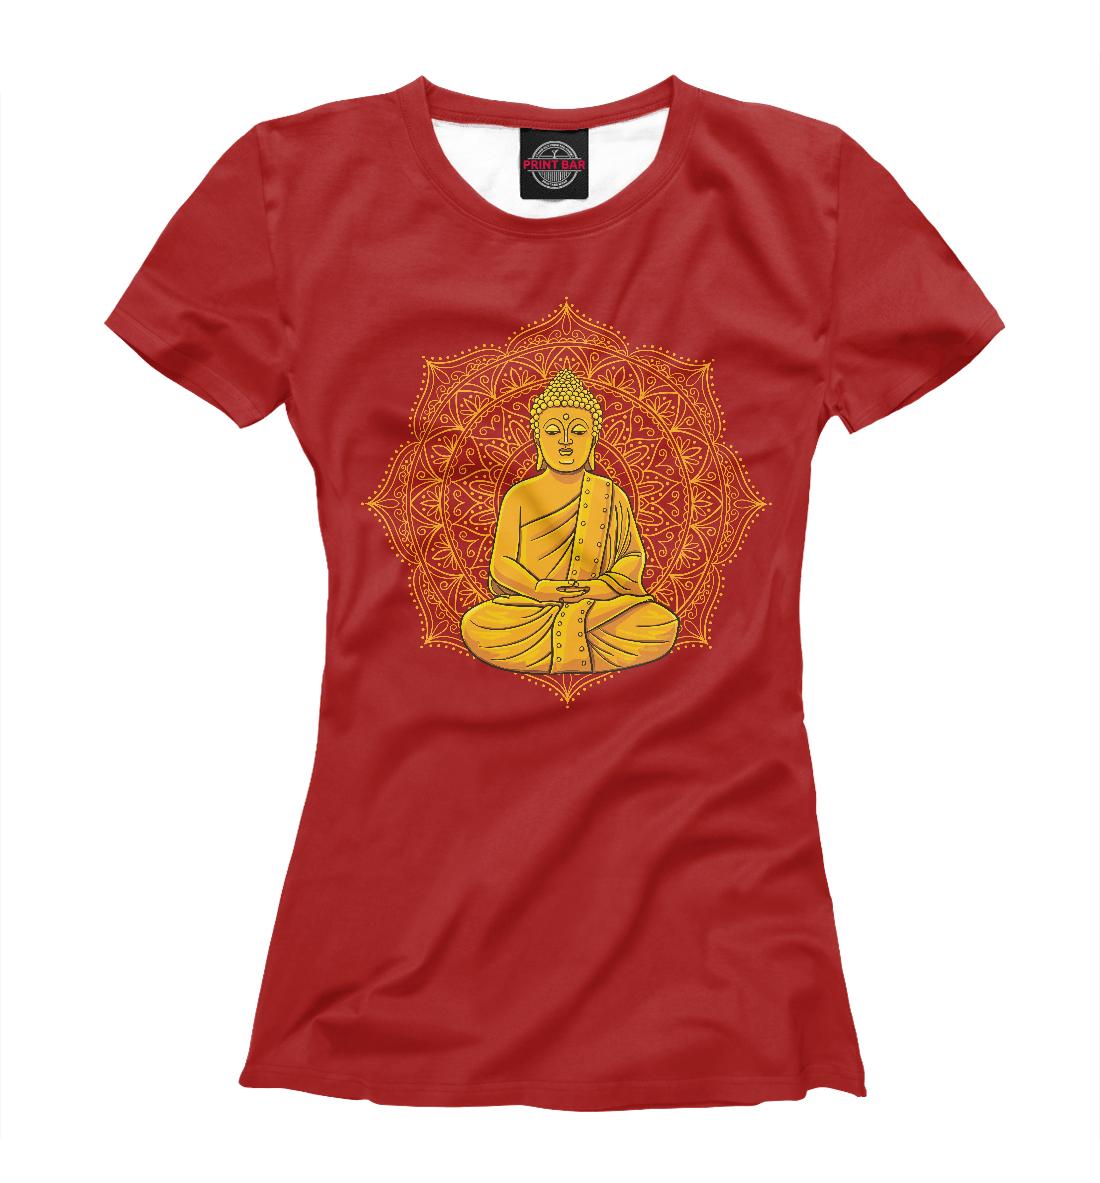 Купить Золотой Будда на фоне мандалы, Printbar, Футболки, PSY-560814-fut-1